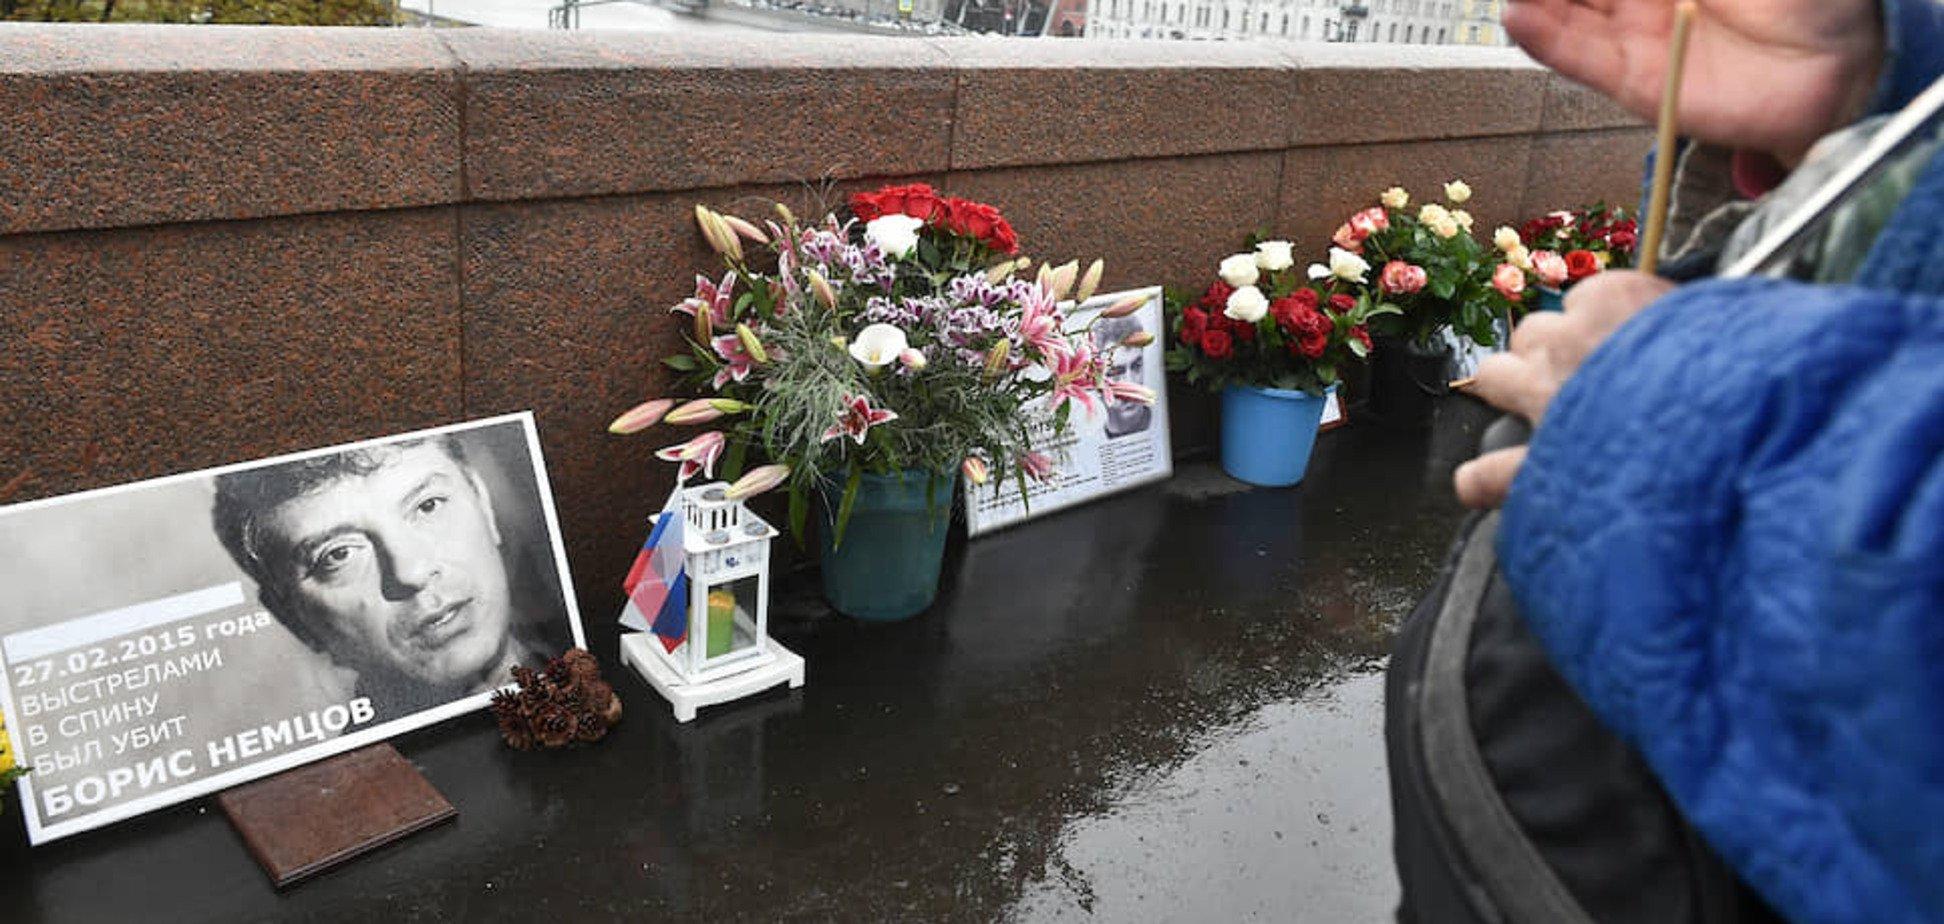 Річниця вбивства Нємцова: Фейгін висловився про виконавців і замовників